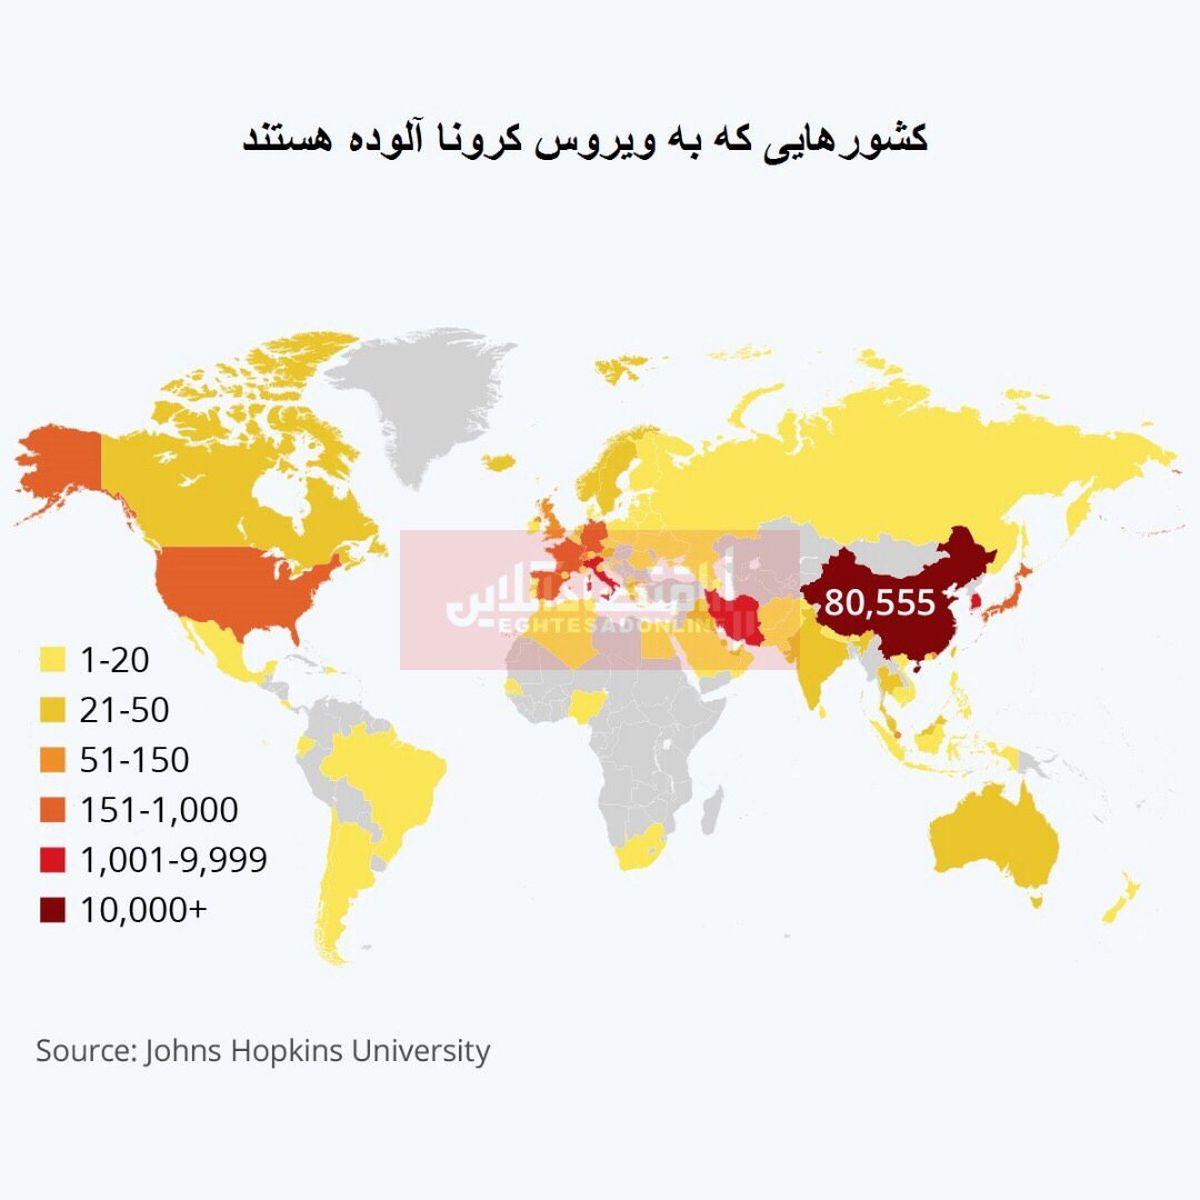 شمار مبتلایان به ویروس کرونا در جهان از مرز 110هزار نفر گذشت/ بیش از 7هزار مبتلا در ایران